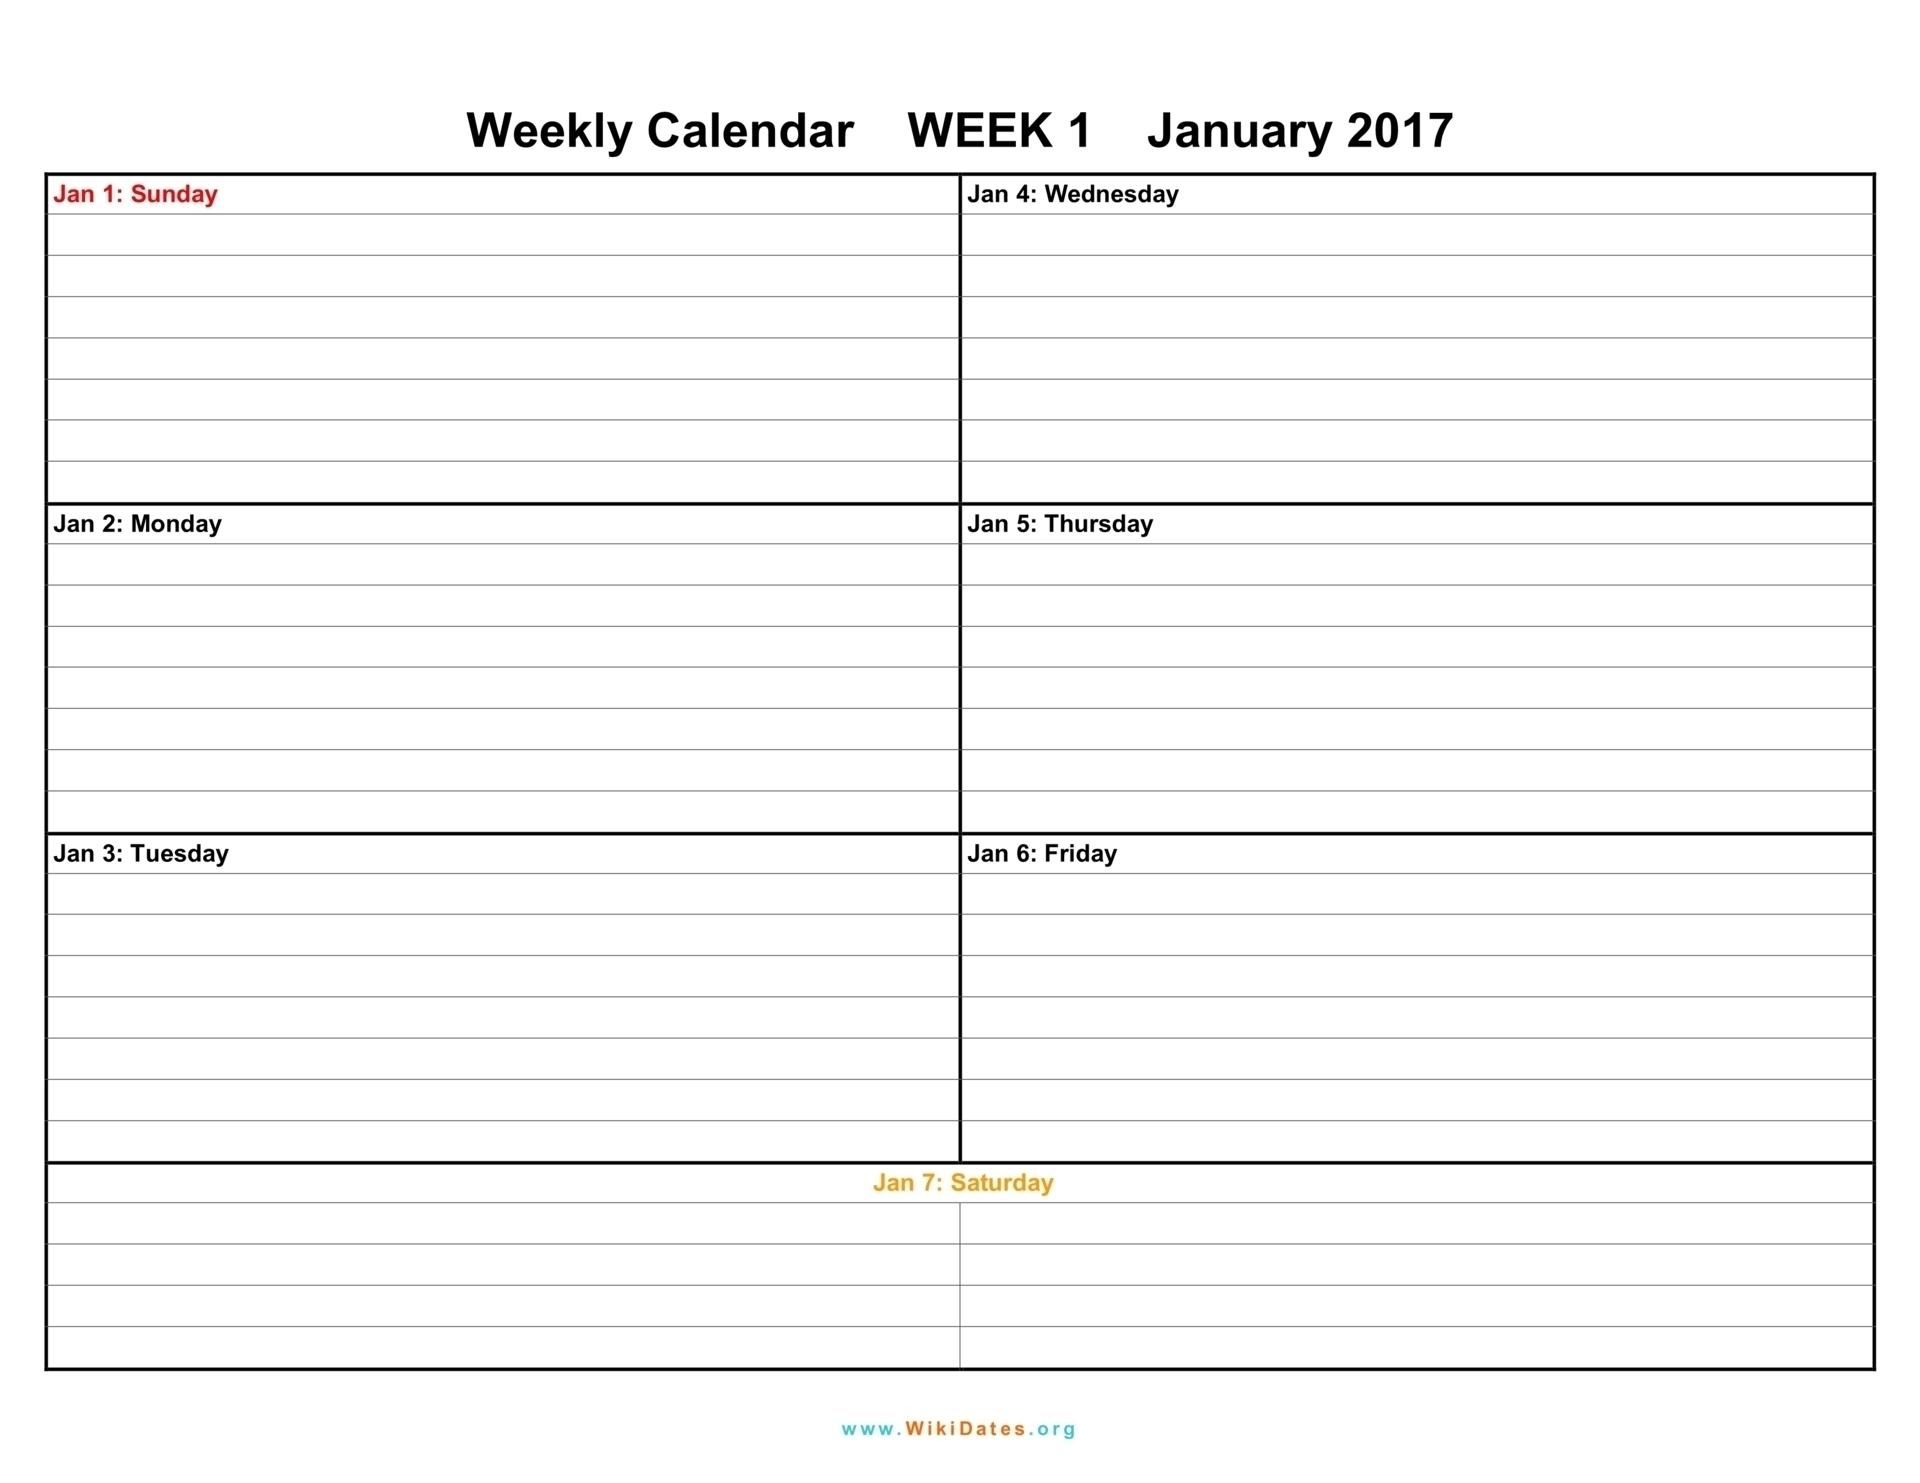 Iso Calendar Week 53 | Igotlockedout